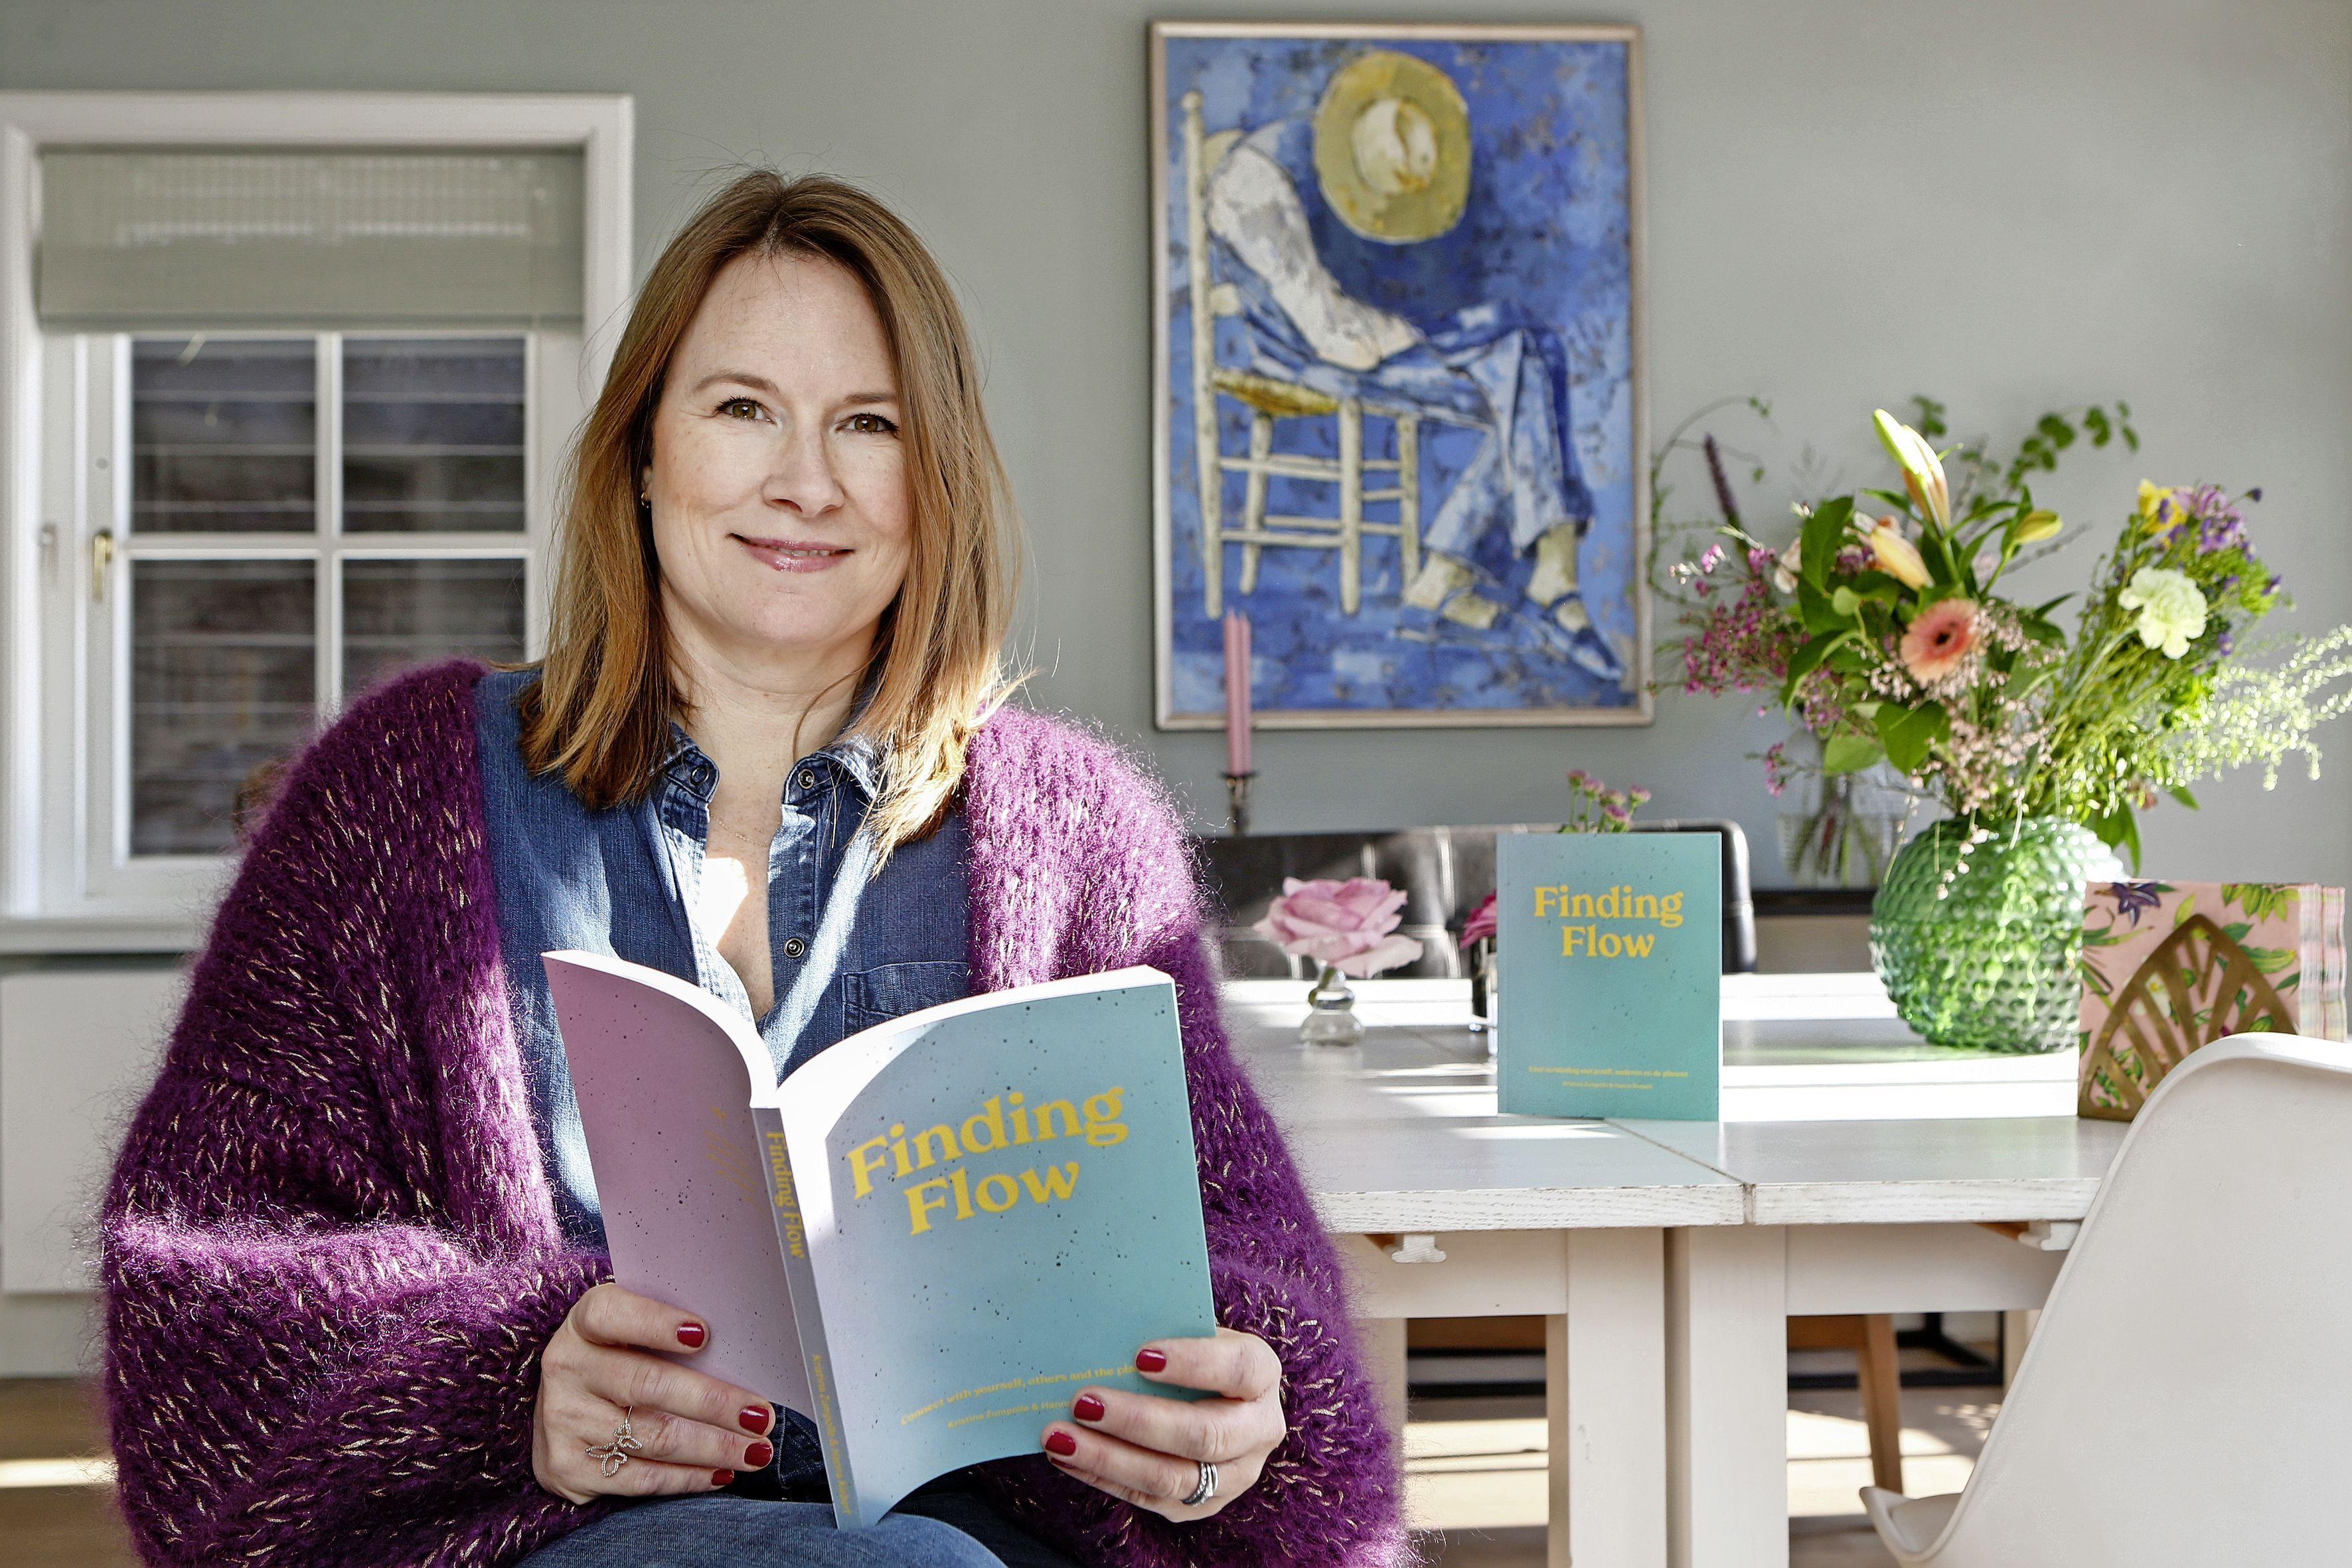 Blaricumse uit Zweden schrijft handboek voor het leven. 'Het is bedoeld om mensen lichter te laten leven'